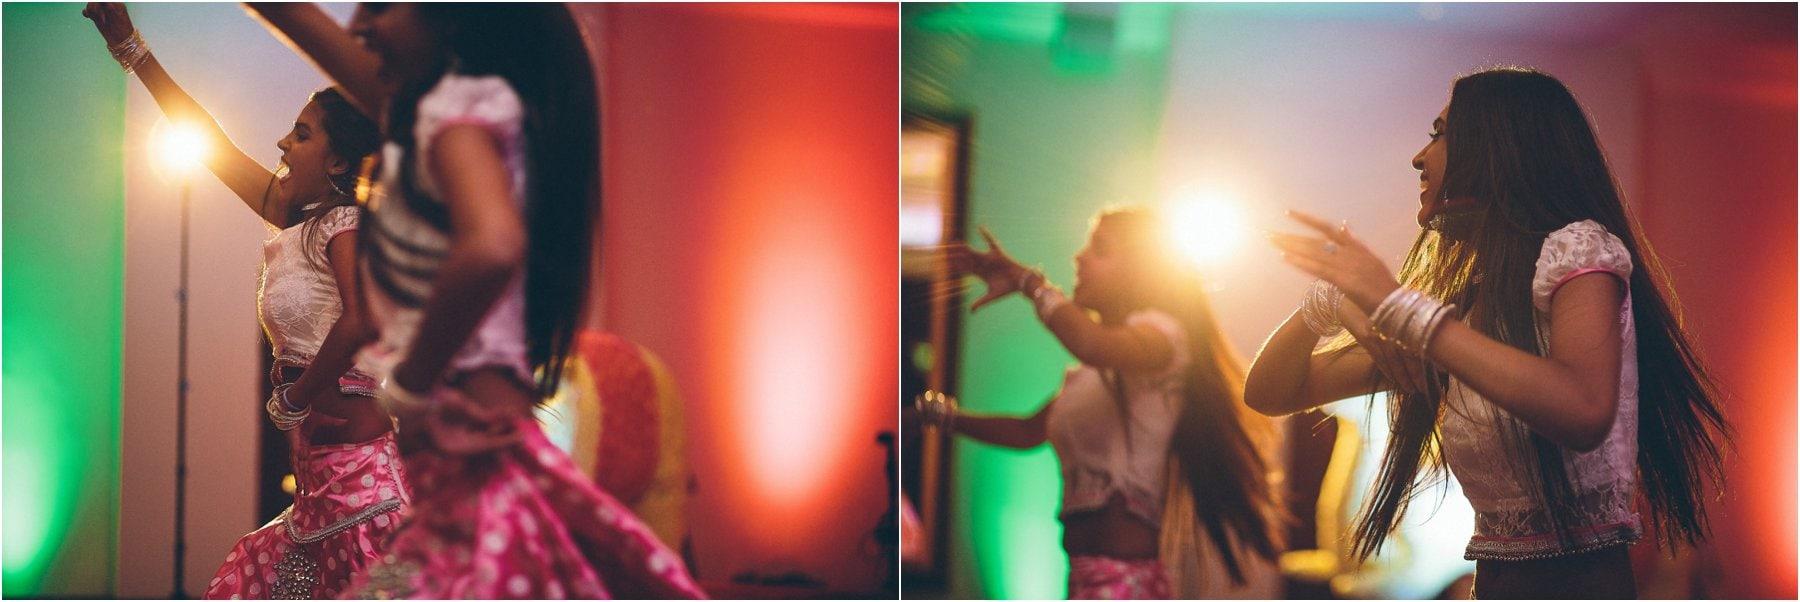 Lancashire_Indian_Wedding_Photography_0021